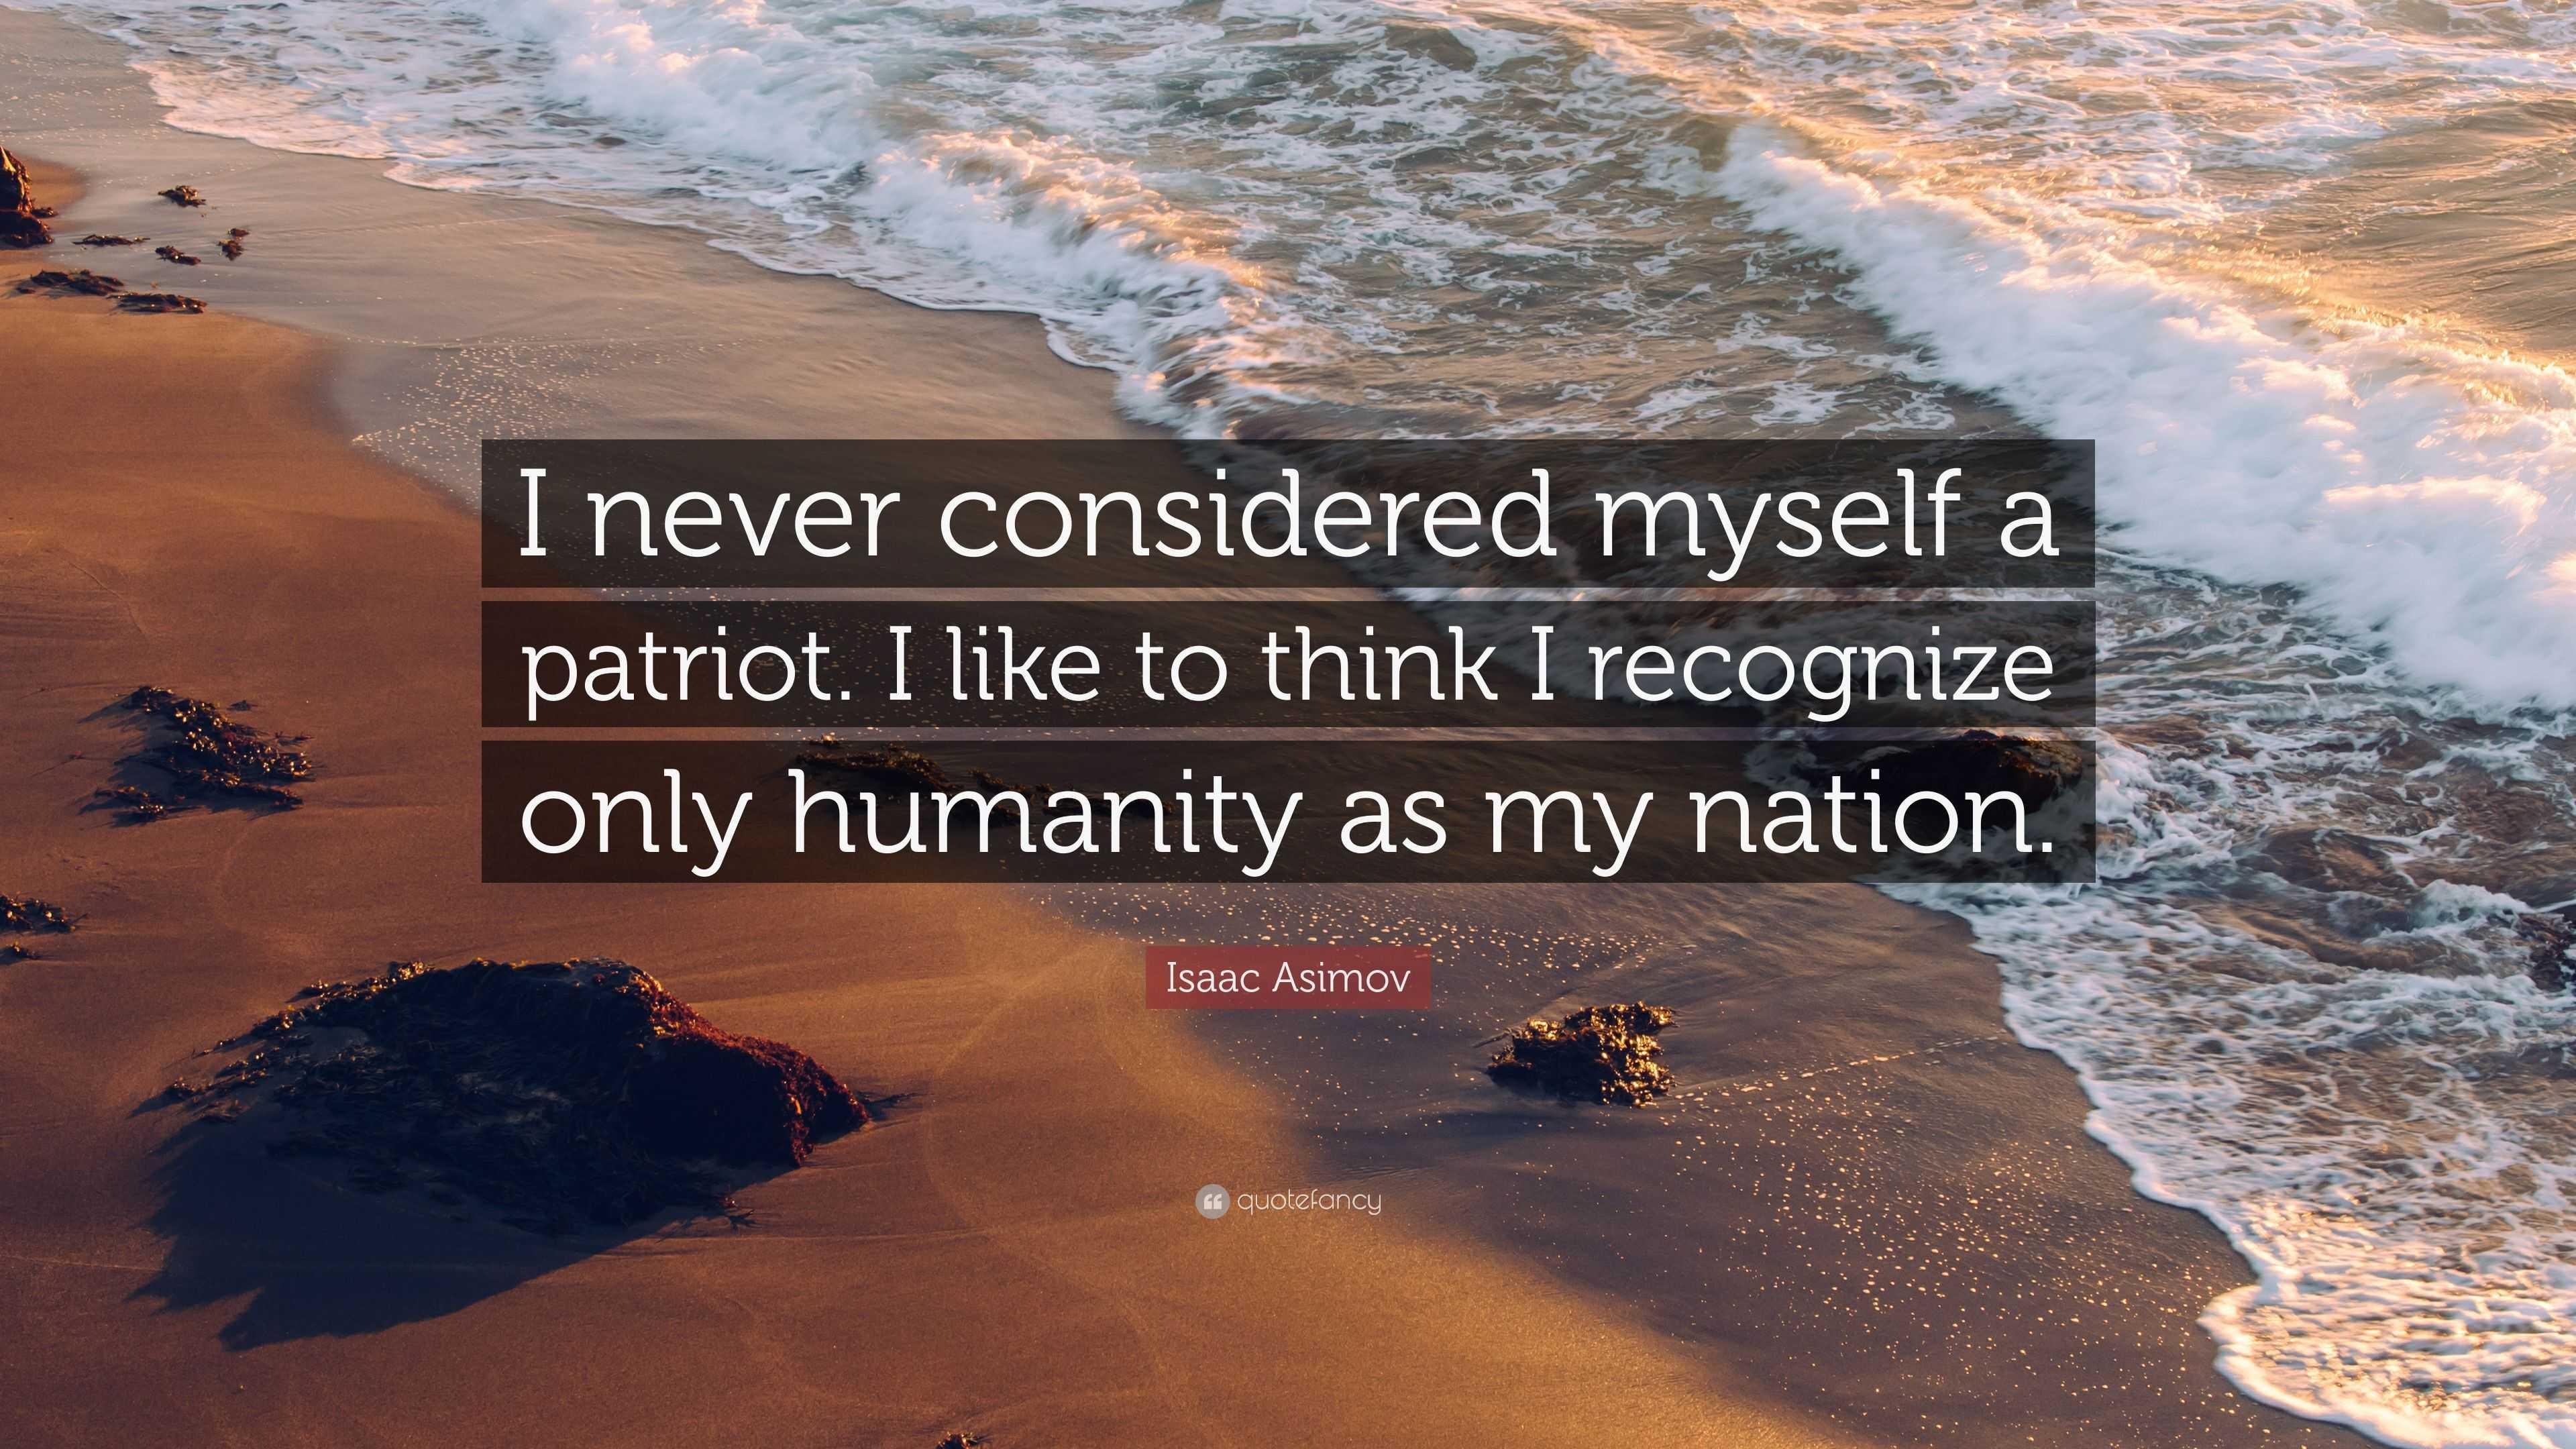 Do you consider yourself a patriot